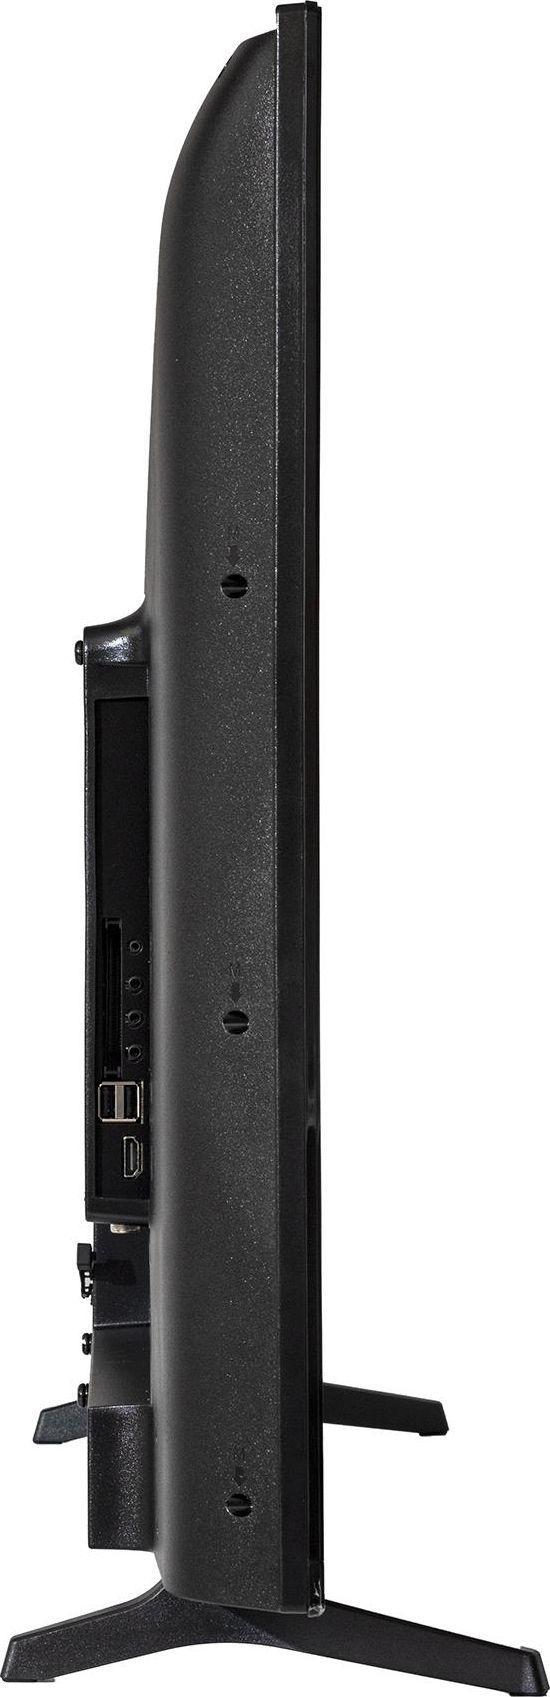 Sharp LC-43FG5242E